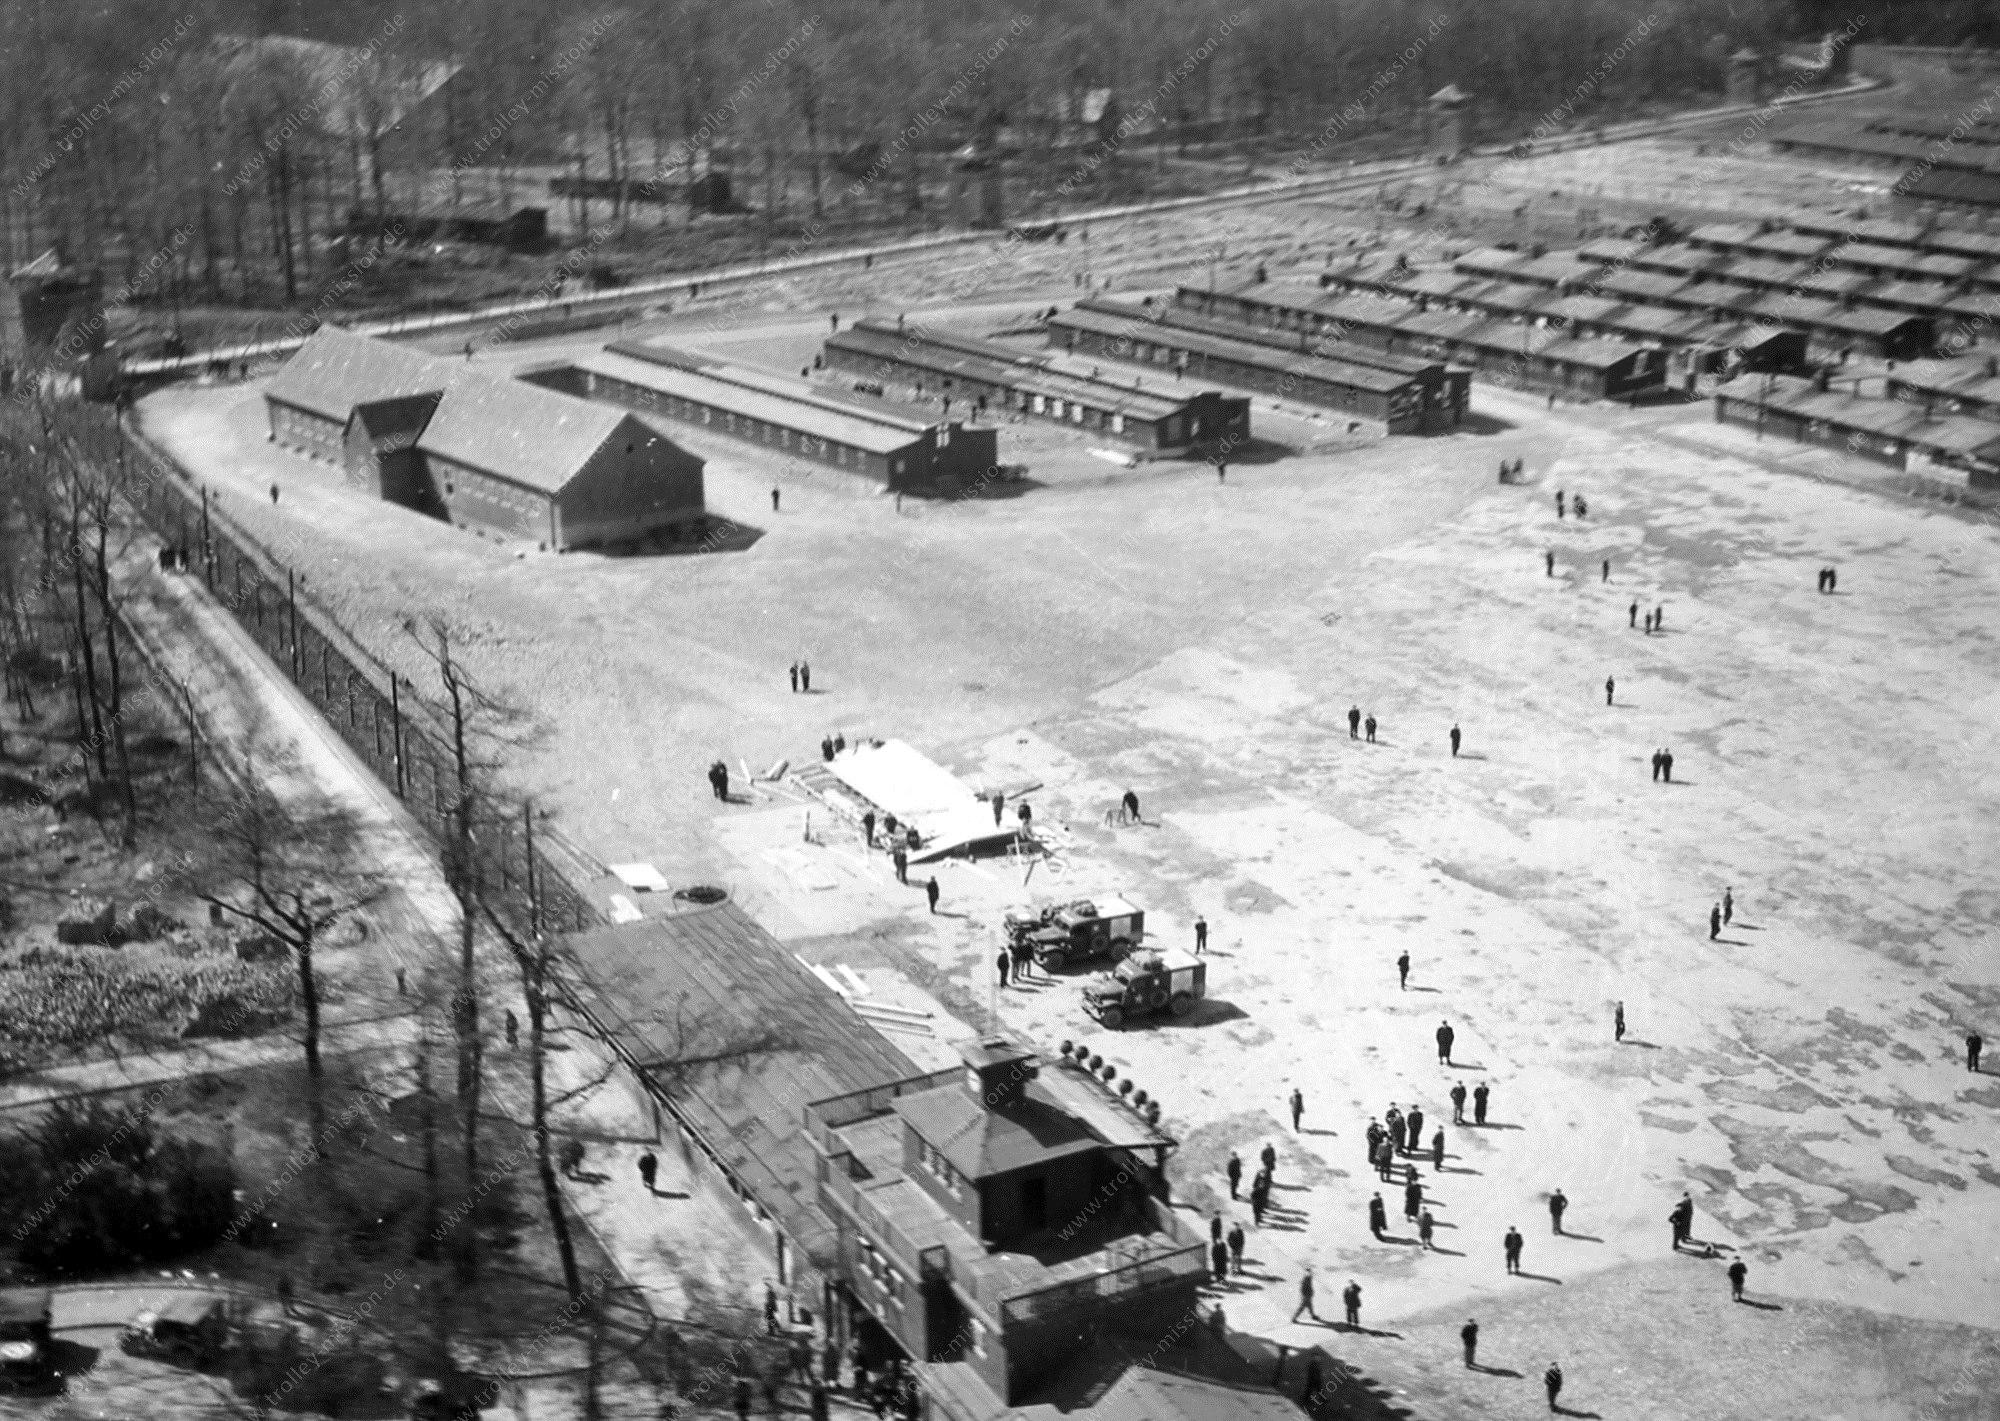 Luftbild Konzentrationslager Buchenwald nach der Befreiung